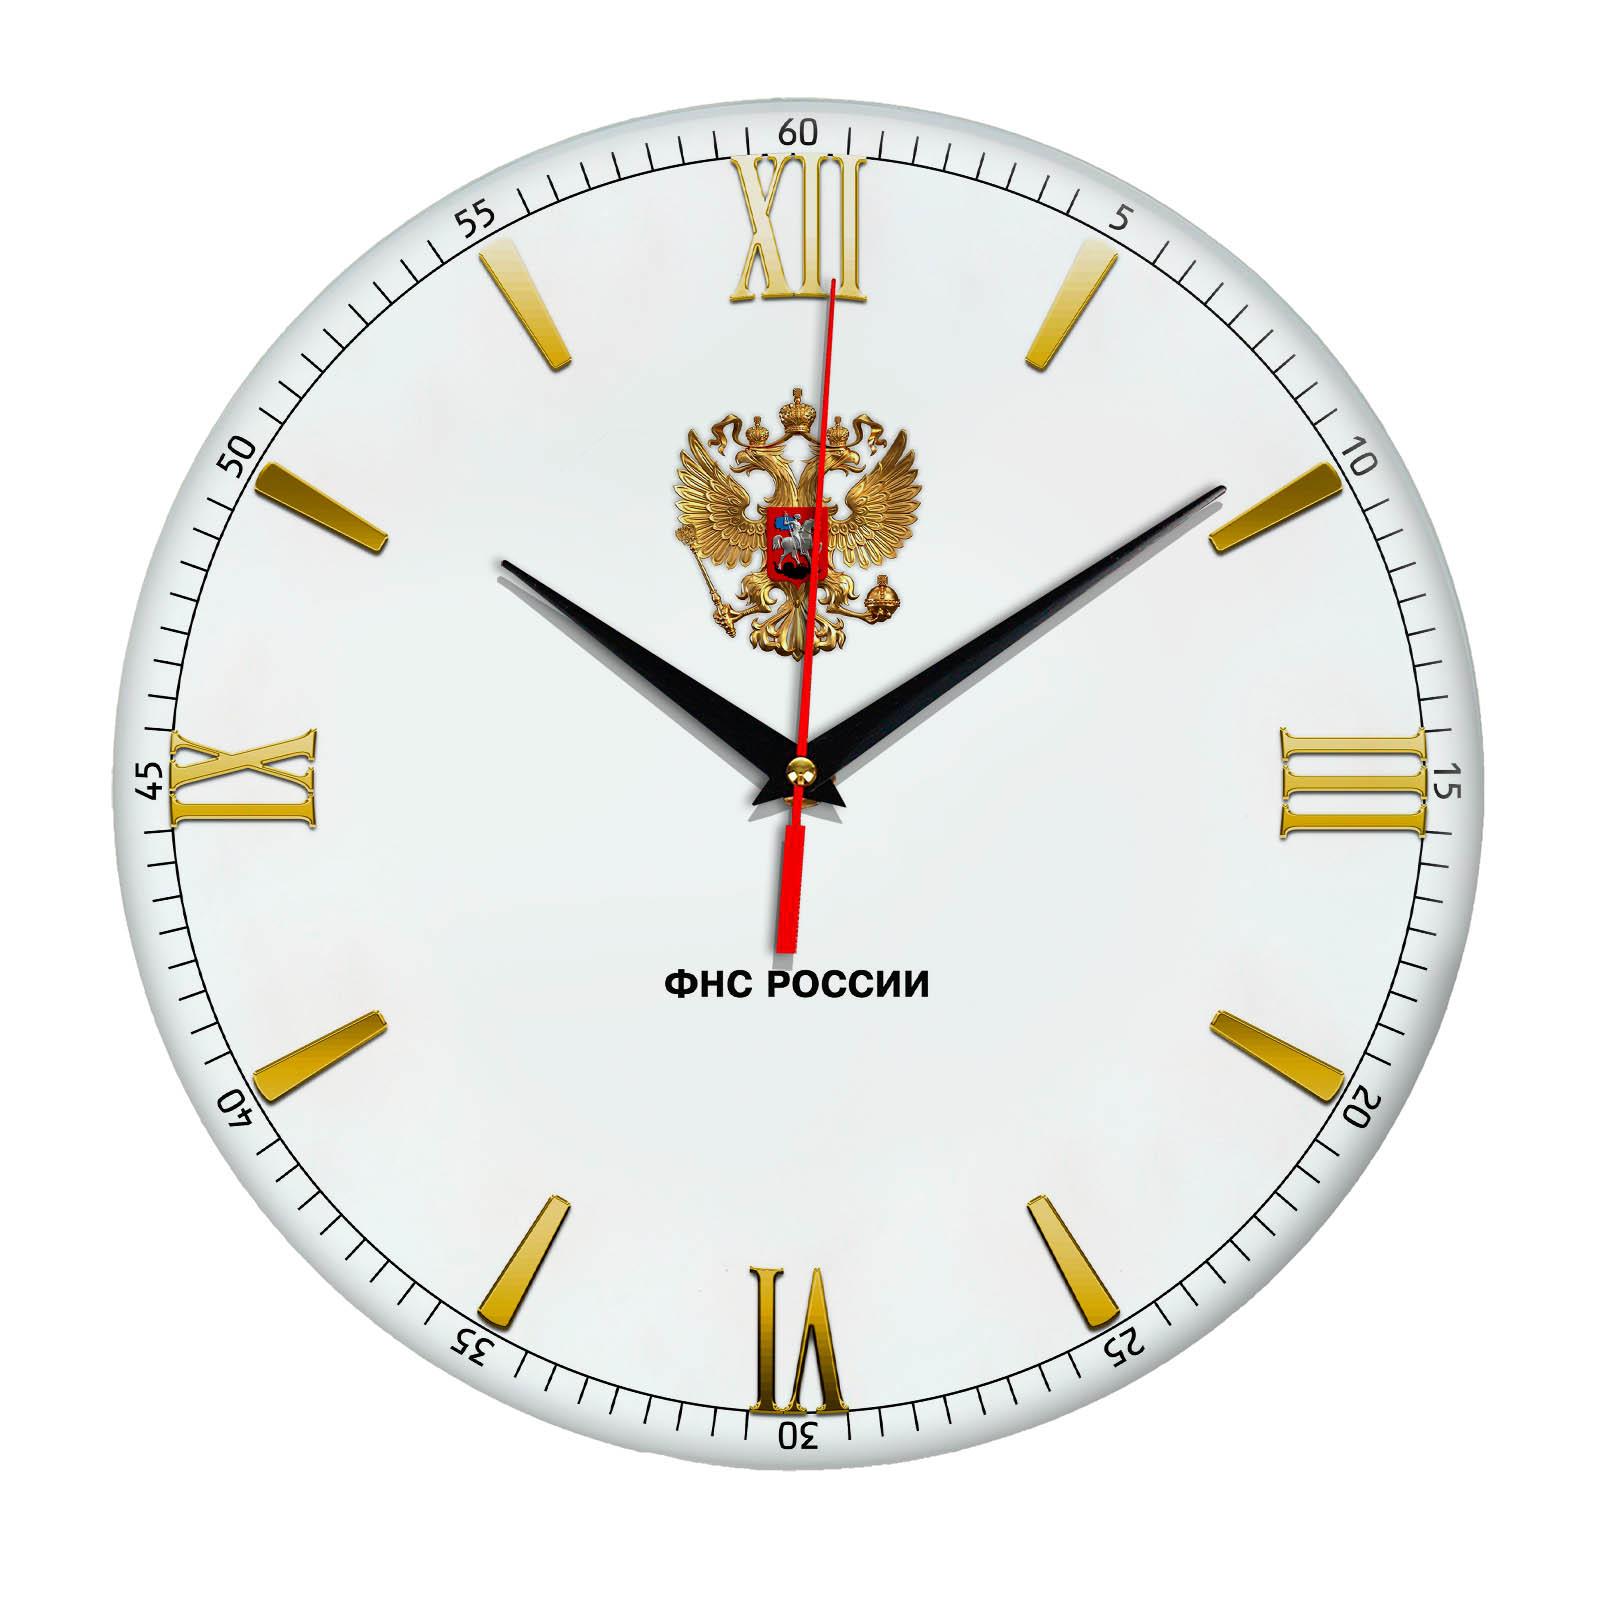 Настенные часы ФНС России римские цифры